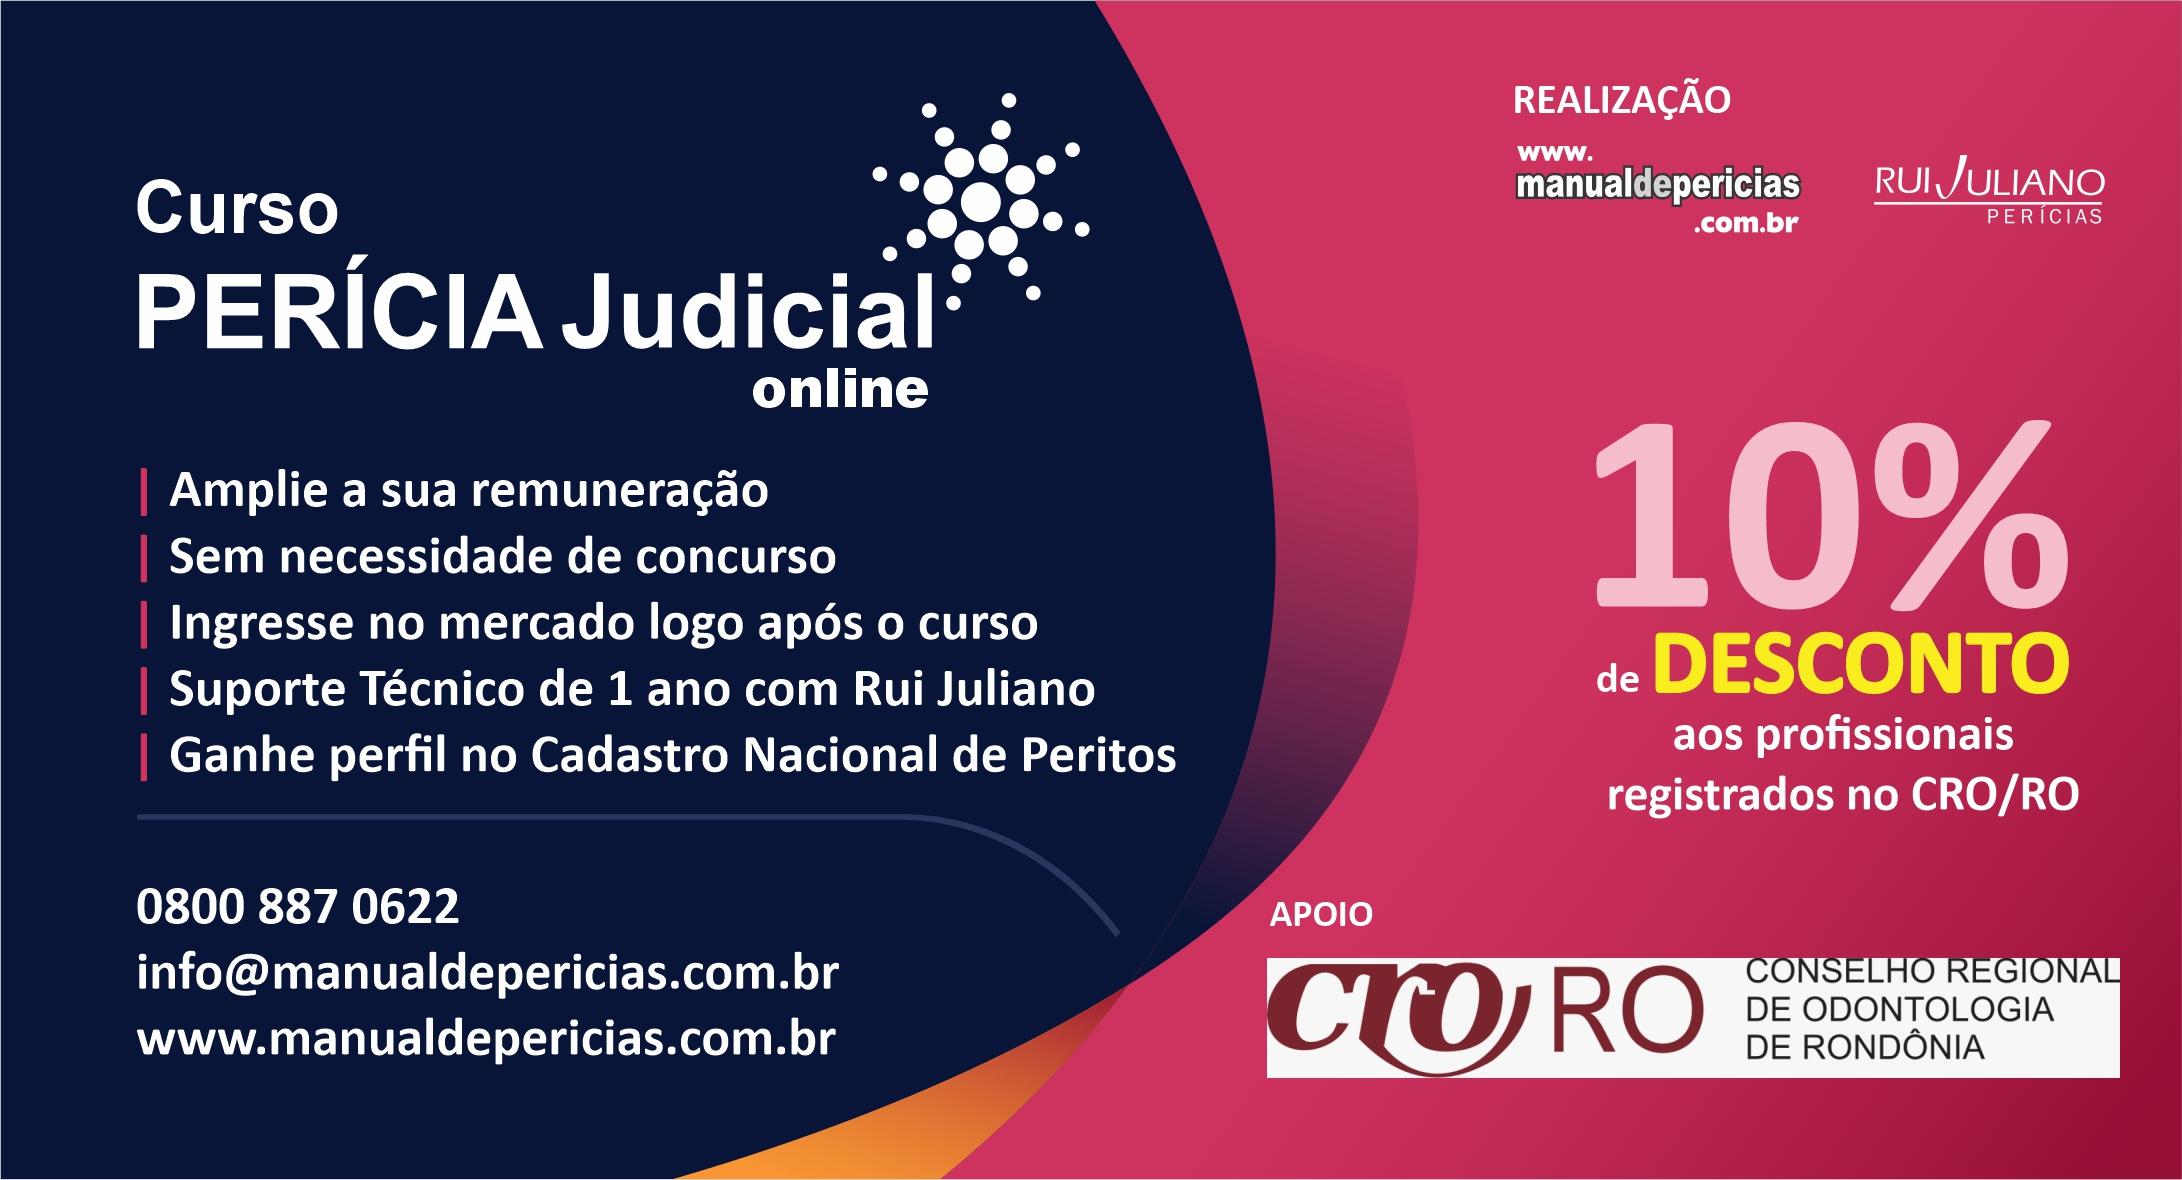 PARCERIA: SEJA PERITO JUDICIAL – CURSOS COM 10% DE DESCONTO